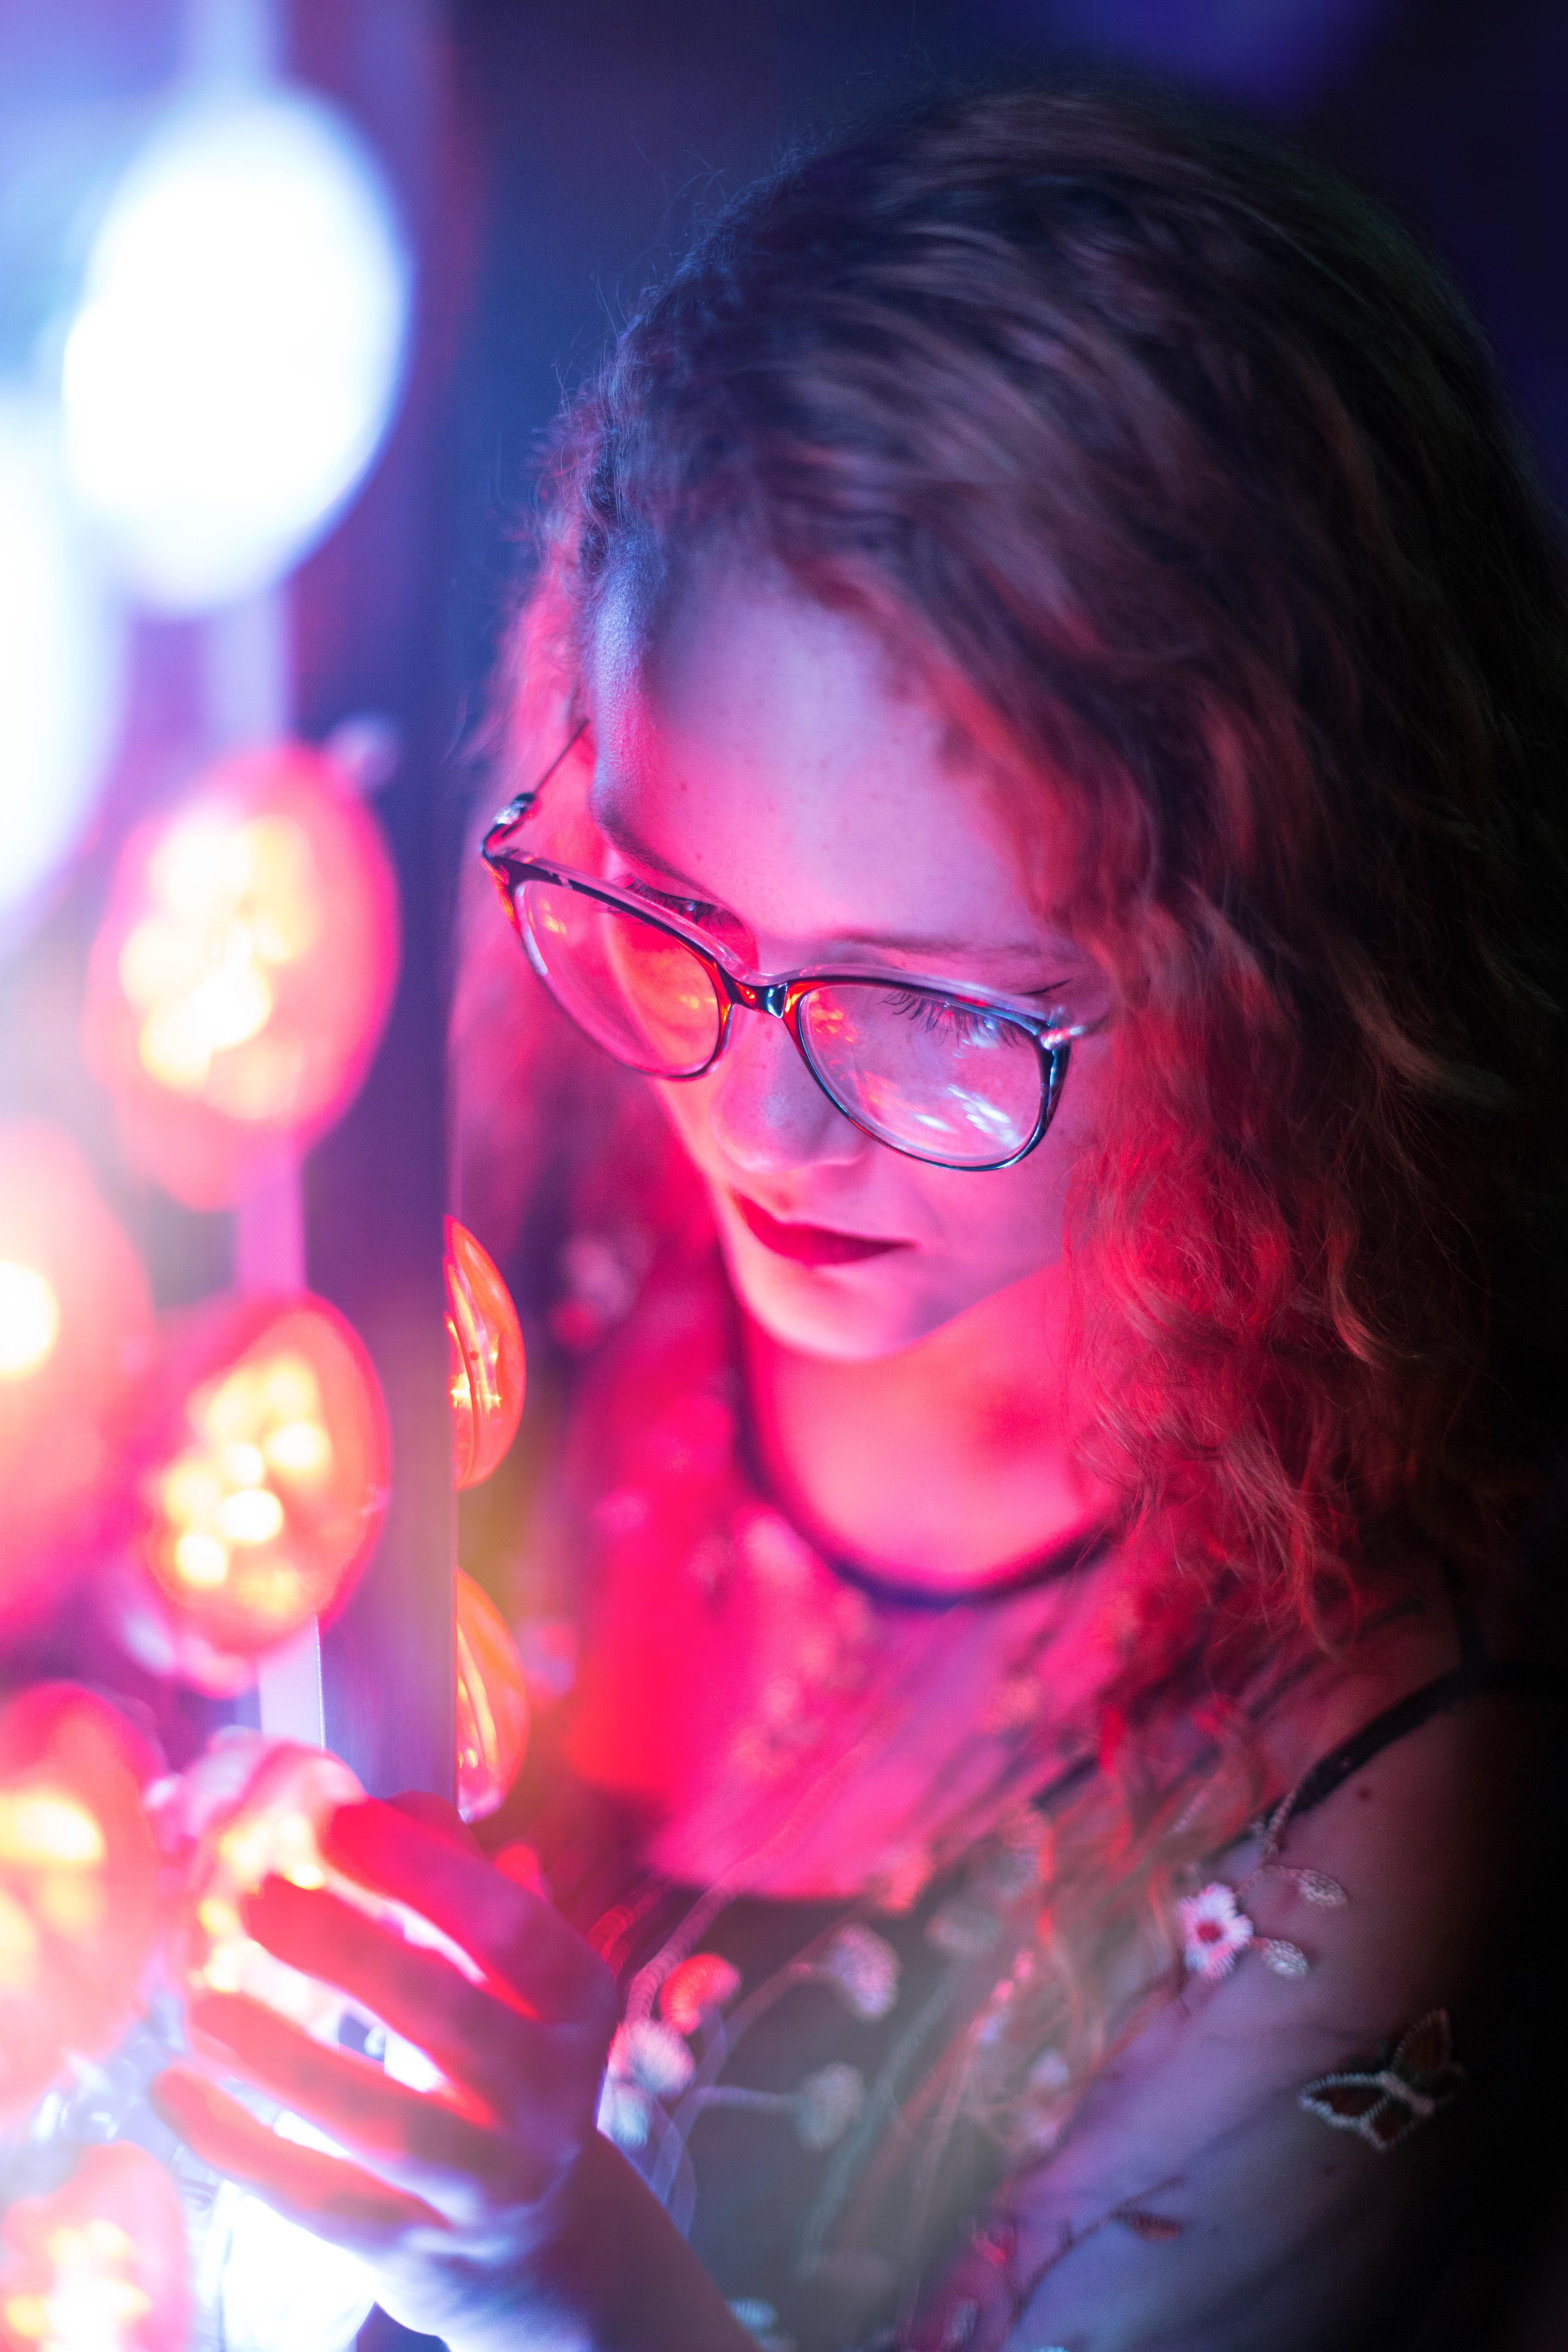 Neon Light Portrait On Behance: Woman In Black Sleeveless Top Wearing Black Framed